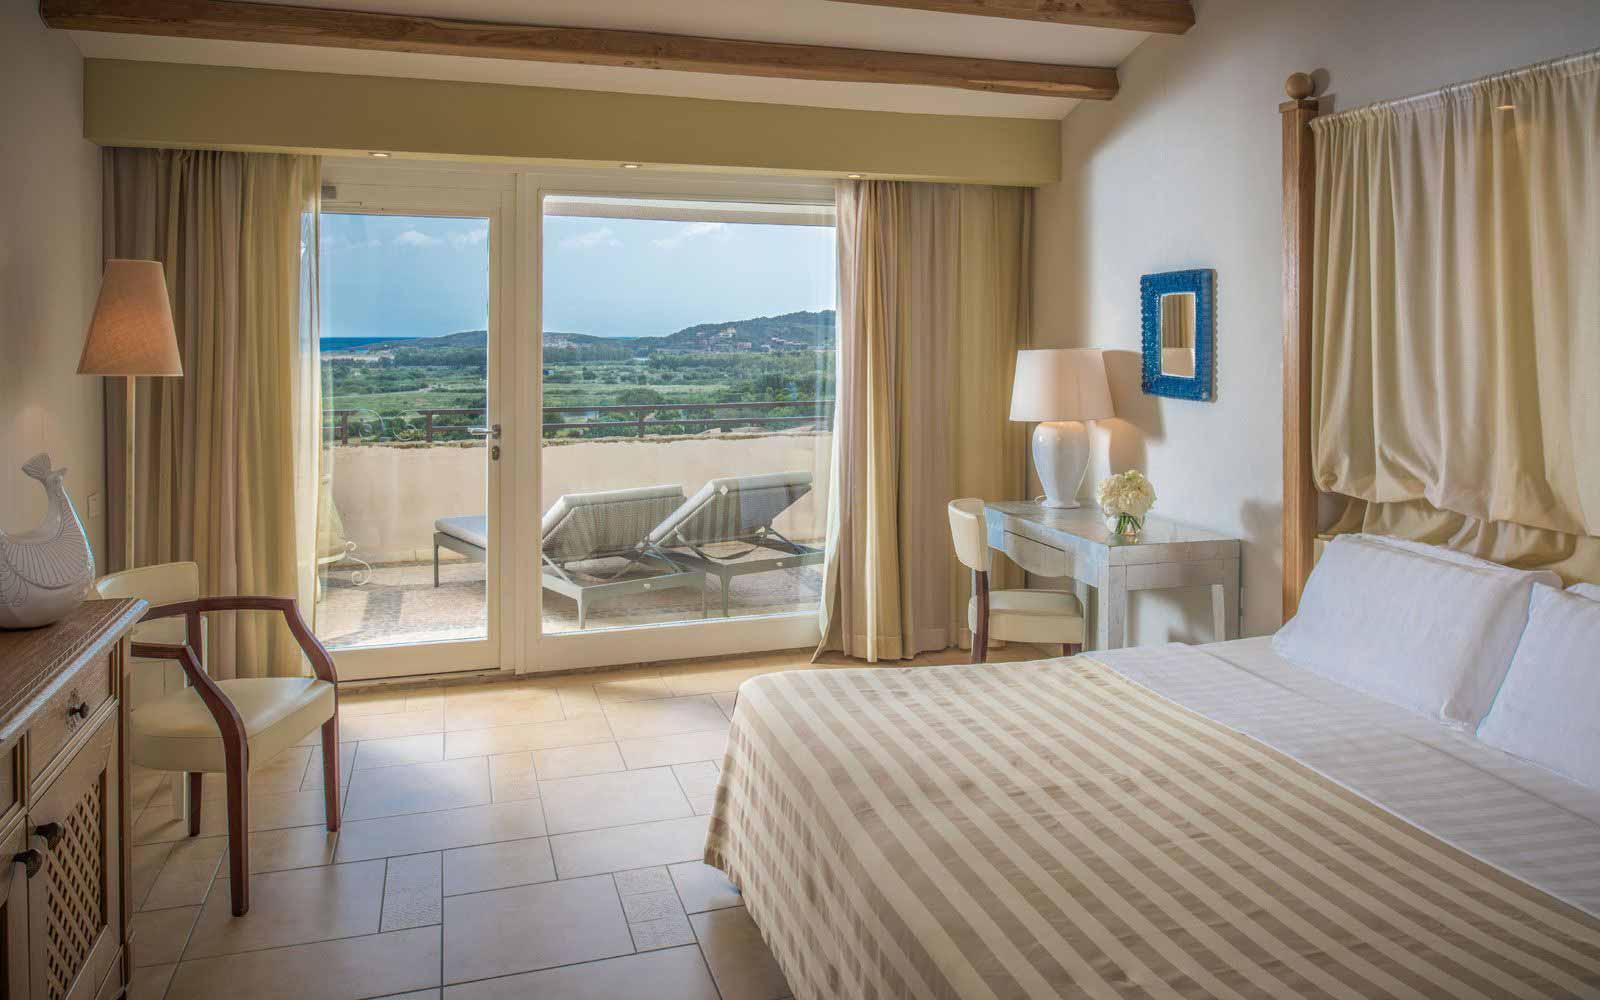 Superior room at Hotel Laguna